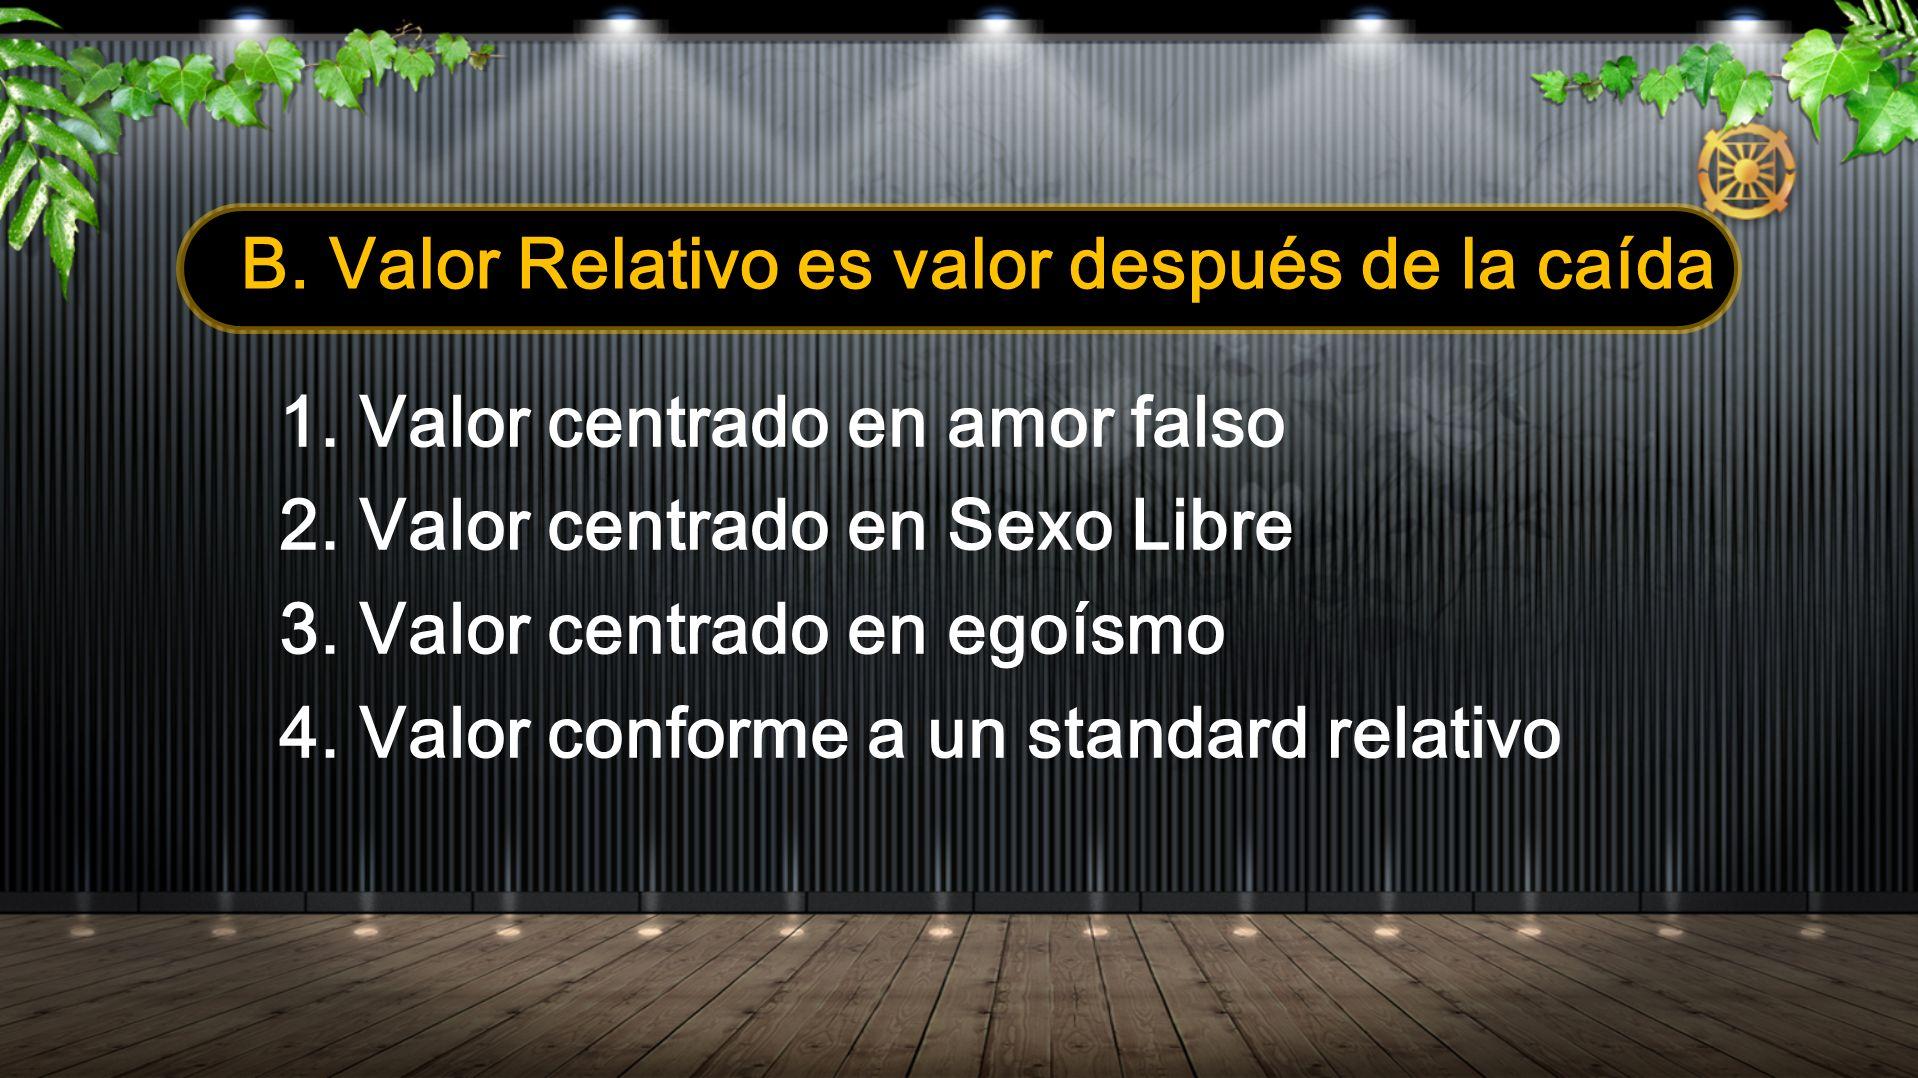 B. Valor Relativo es valor después de la caída 1. Valor centrado en amor falso 2. Valor centrado en Sexo Libre 3. Valor centrado en egoísmo 4. Valor c